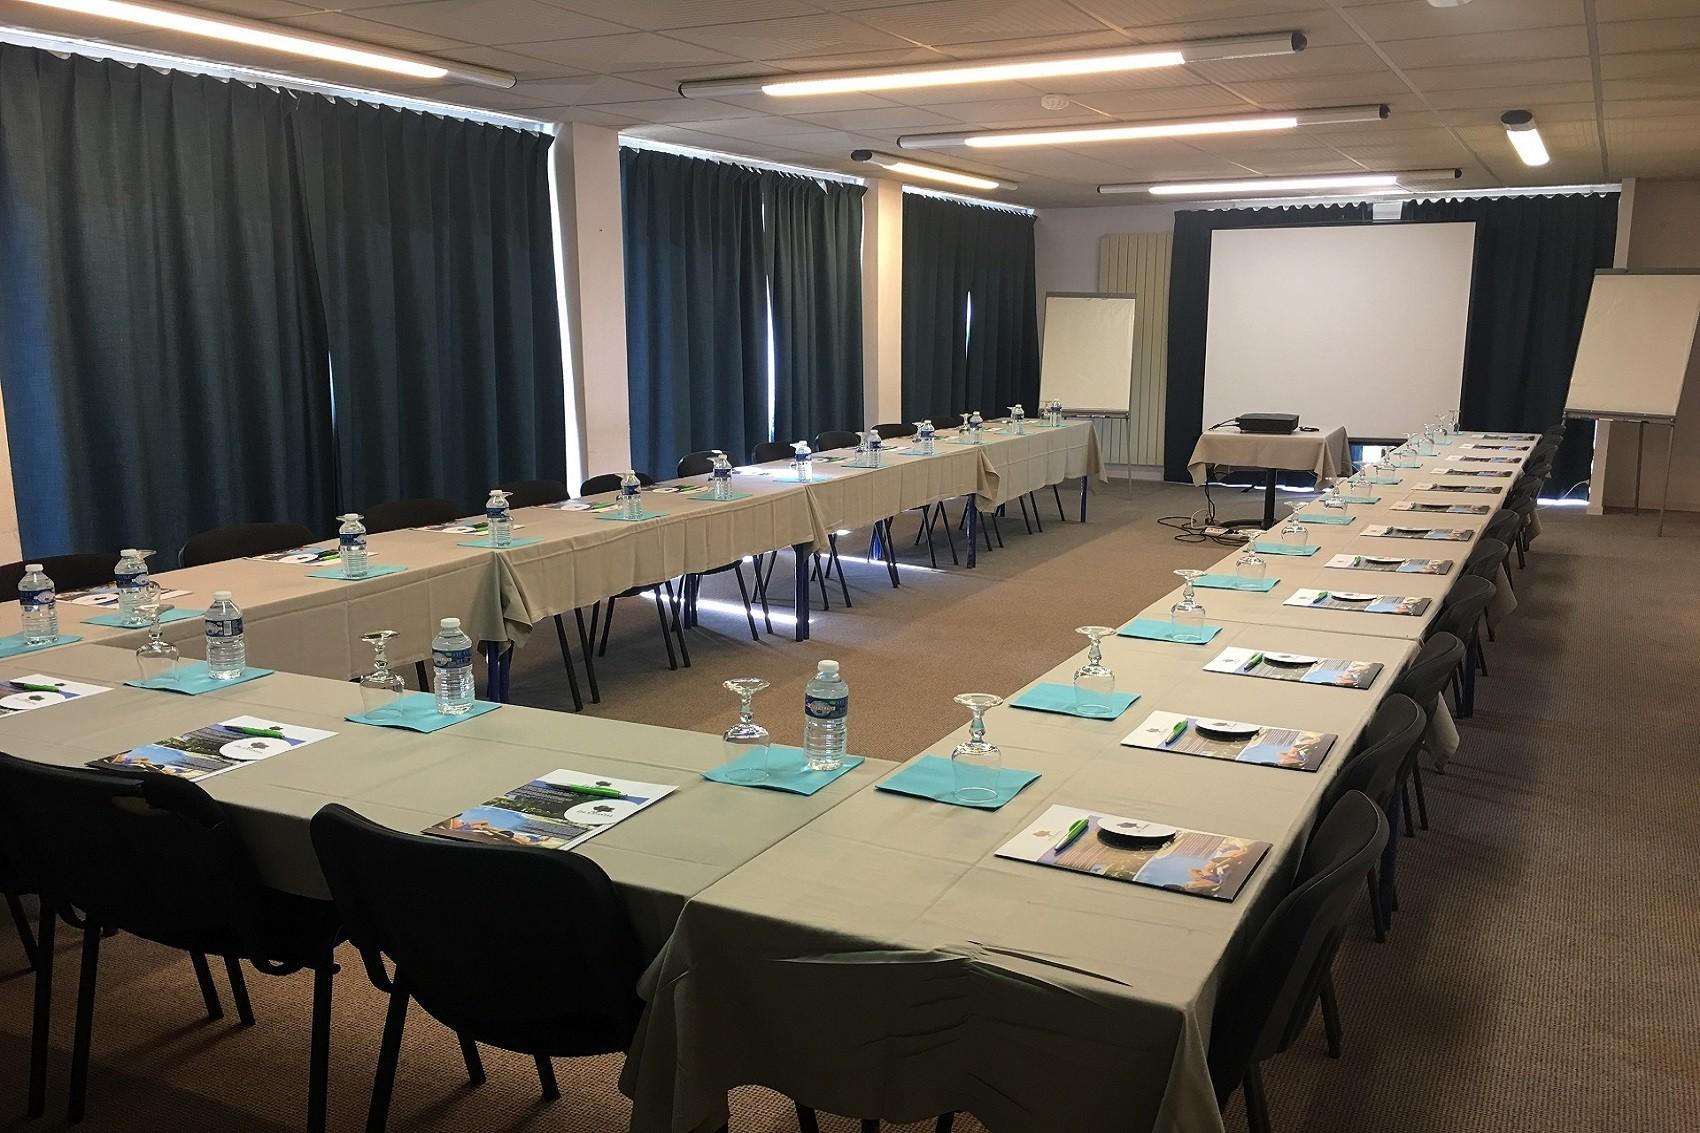 les-oliviers-loriol-sur-drome-valence-reunions-seminaires-de-caractere-reunions